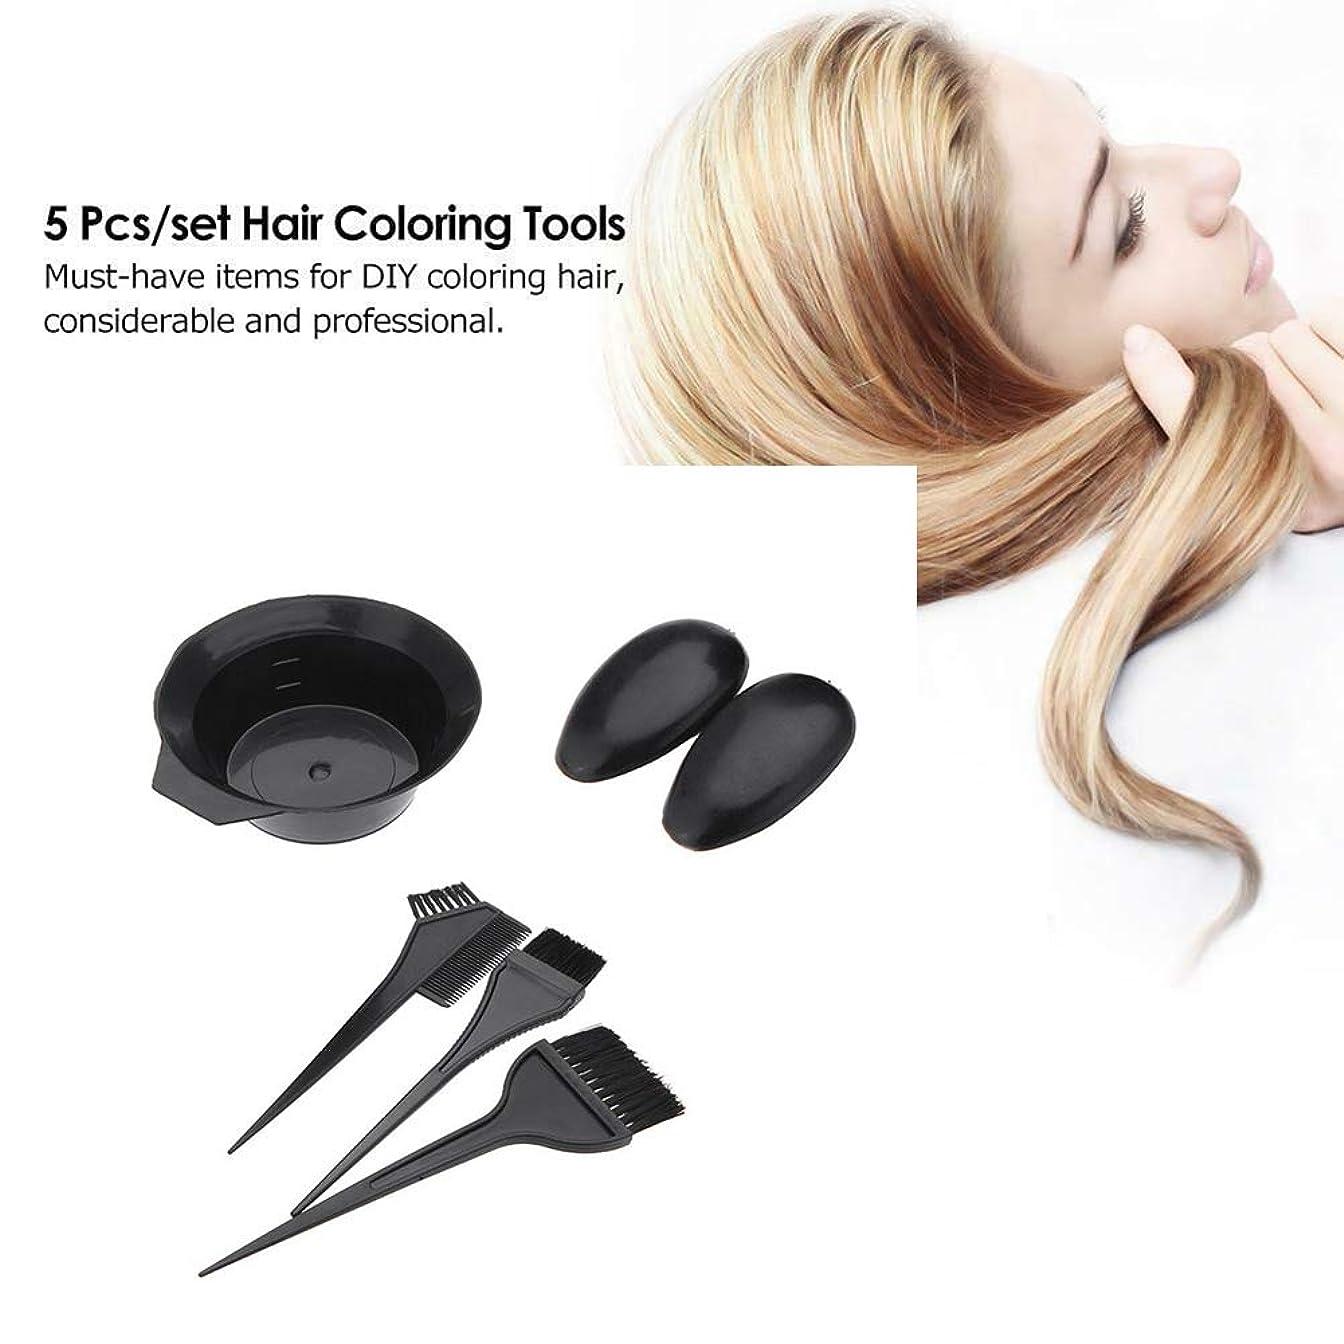 染料魅惑するストローク染毛セットキット - 染毛カラーミキシングボウル&ブラシ&くし - 黒理髪美容ツールアプリケーター色合い5ピース